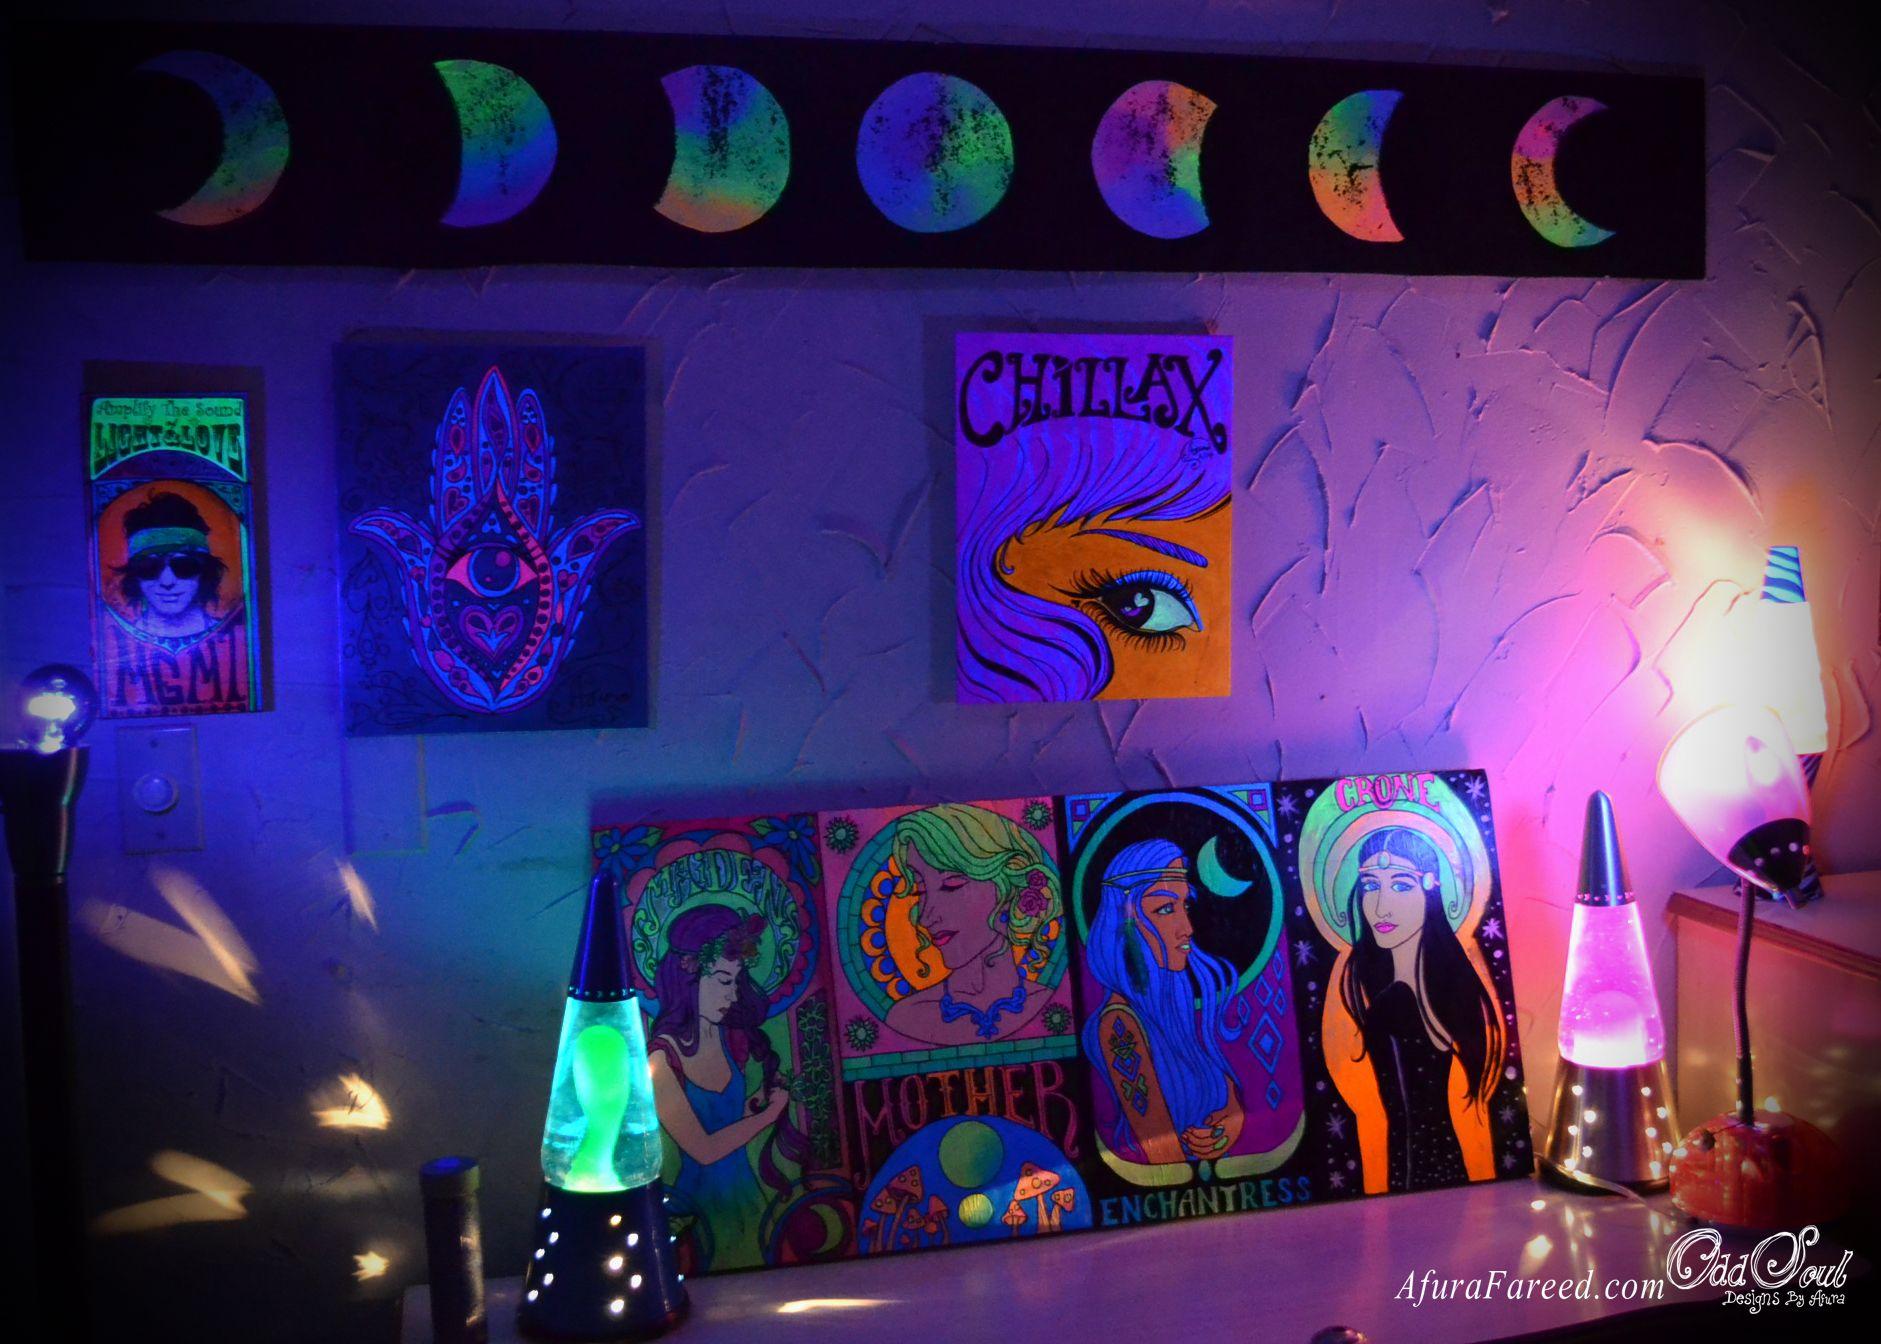 Black Light Wall Art By OddSoul Designs